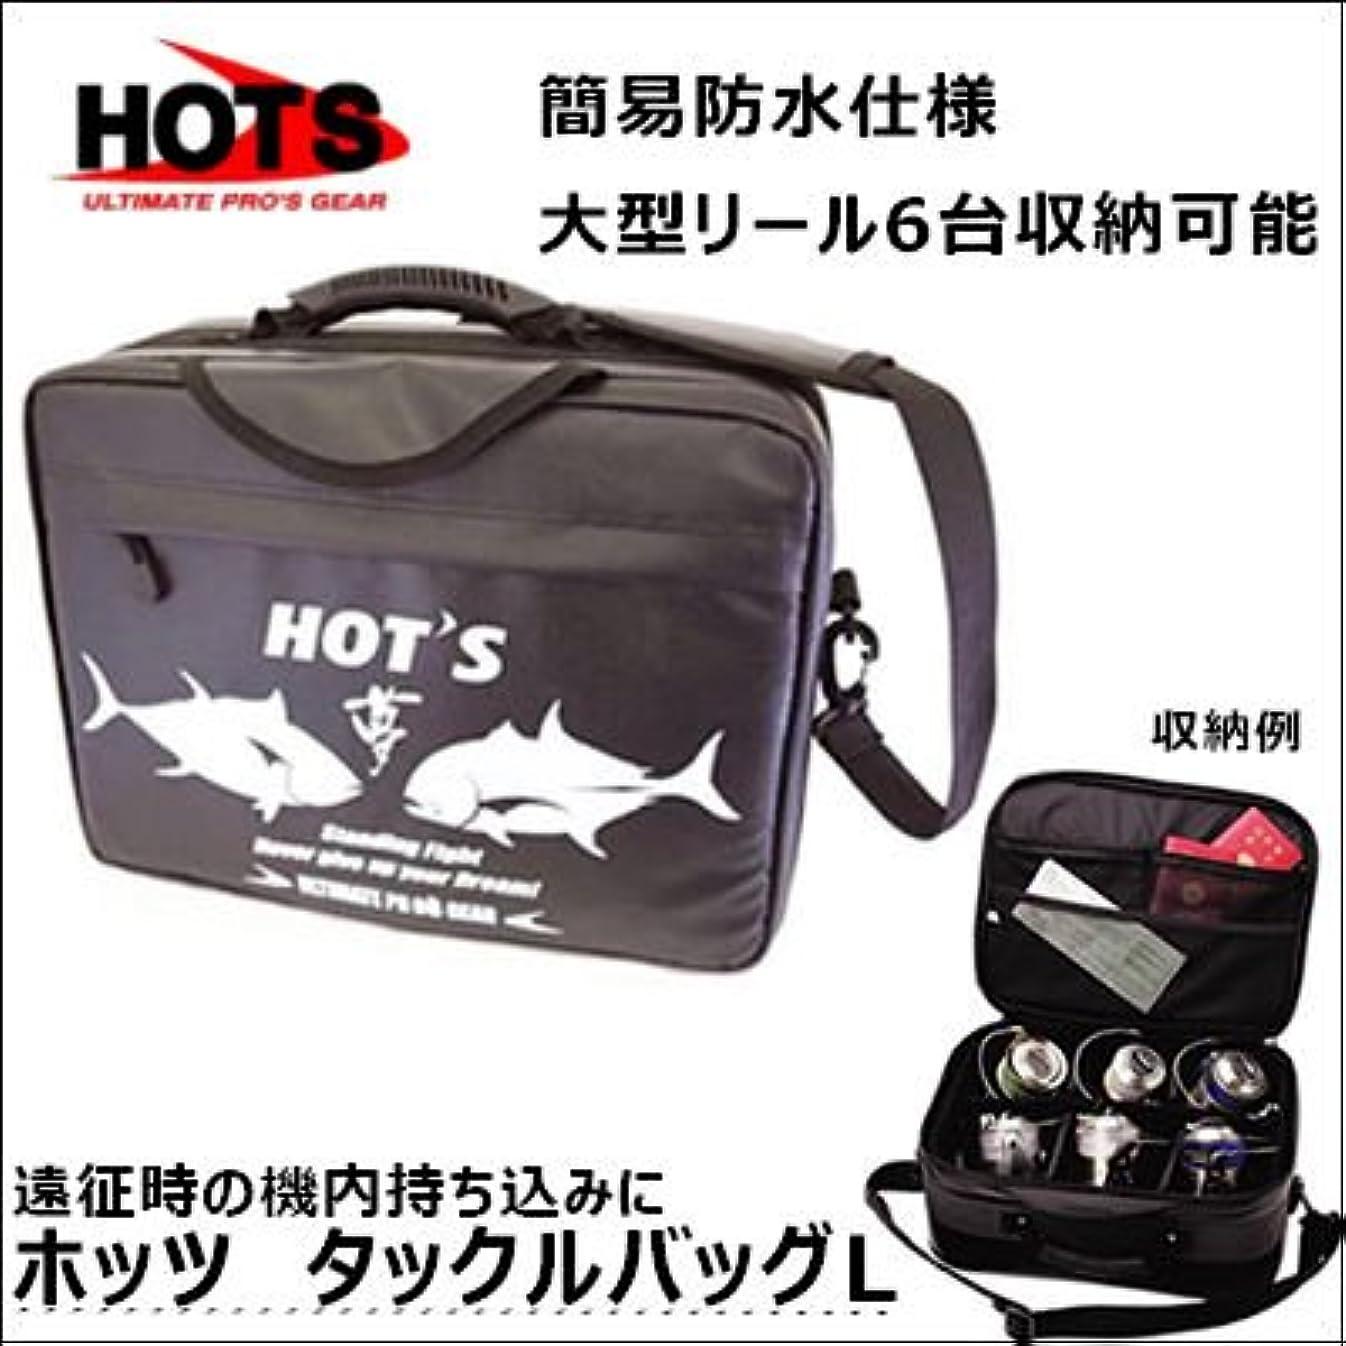 挽く反動配列ホッツ タックルバッグ-LHOTS TACKLE BAG-L